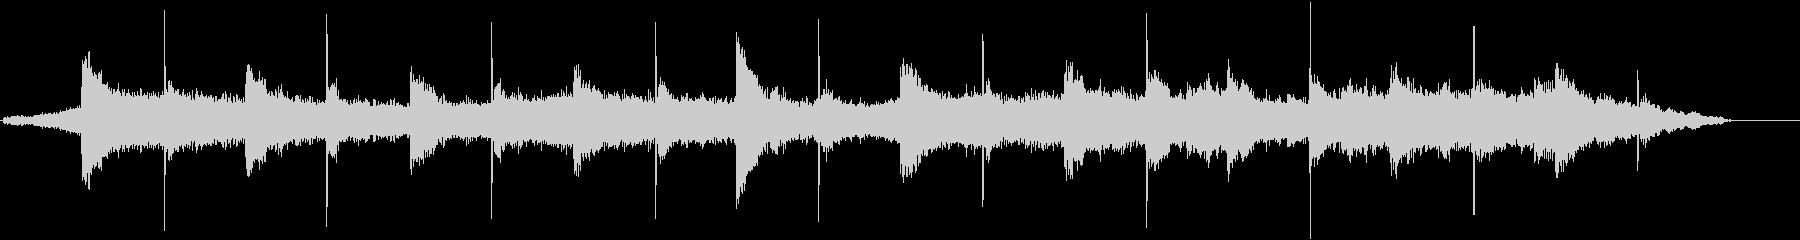 低音ピアノと高音ストリングスの環境系の未再生の波形